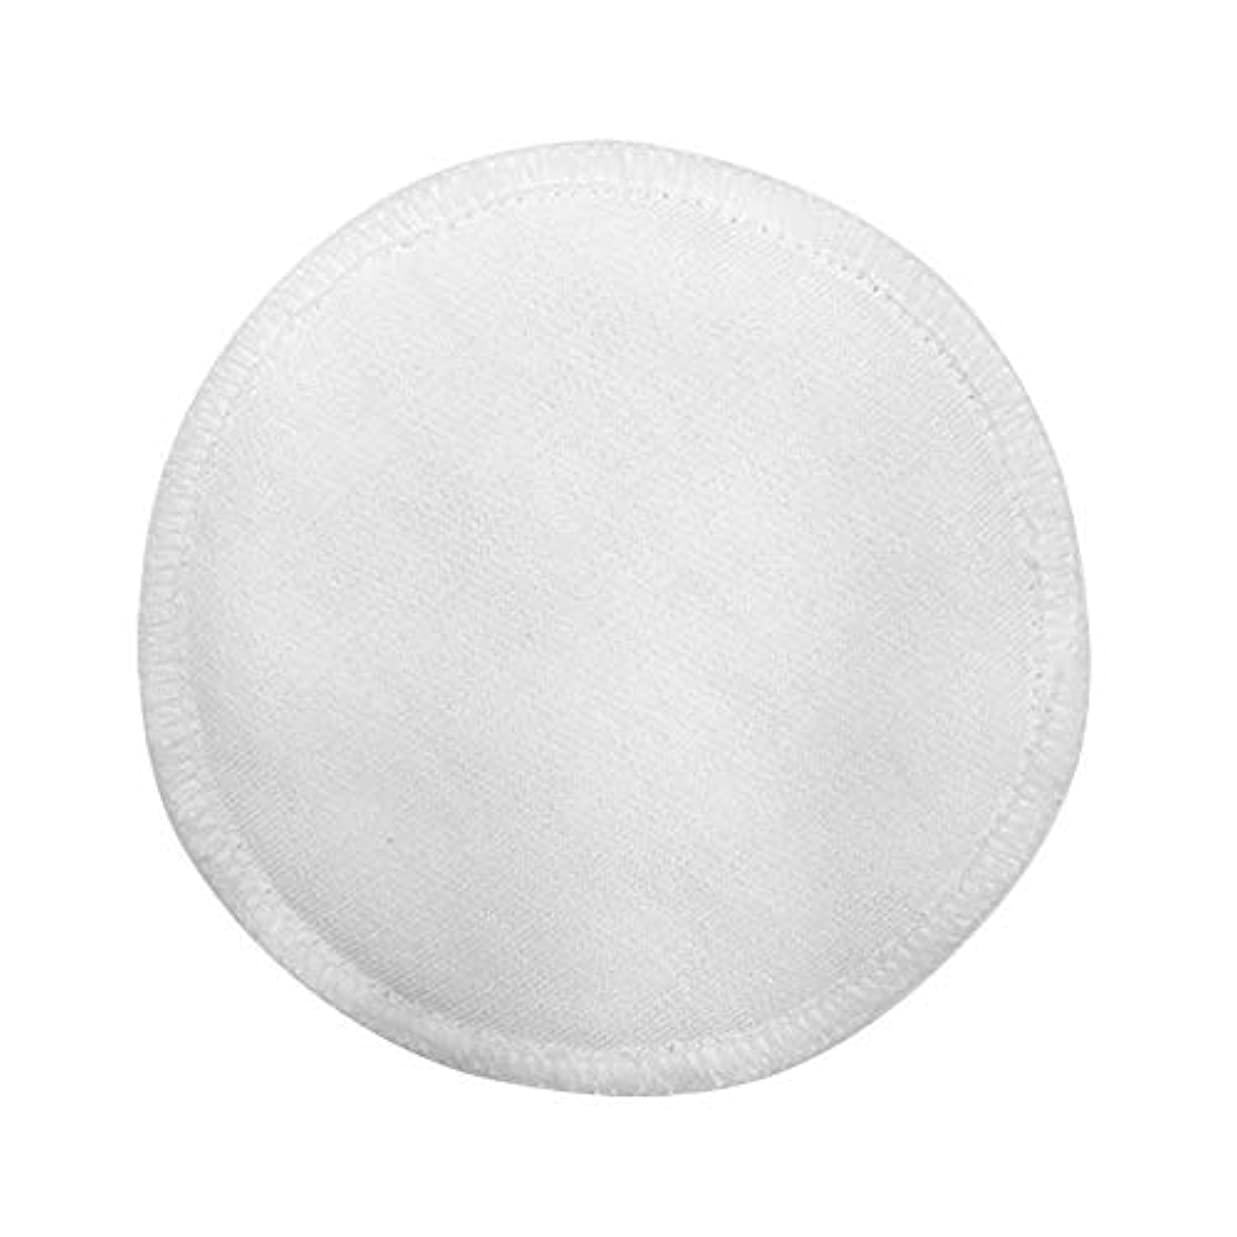 退屈させるピケ封筒メイク落としパッド 低刺激性 吸水性 柔らかい 耐久性 再利用可能 軽量 ポータブル 使いやすい メッシュバッグ付き 16個 クレンジングパッド 洗顔 お手入れが簡単